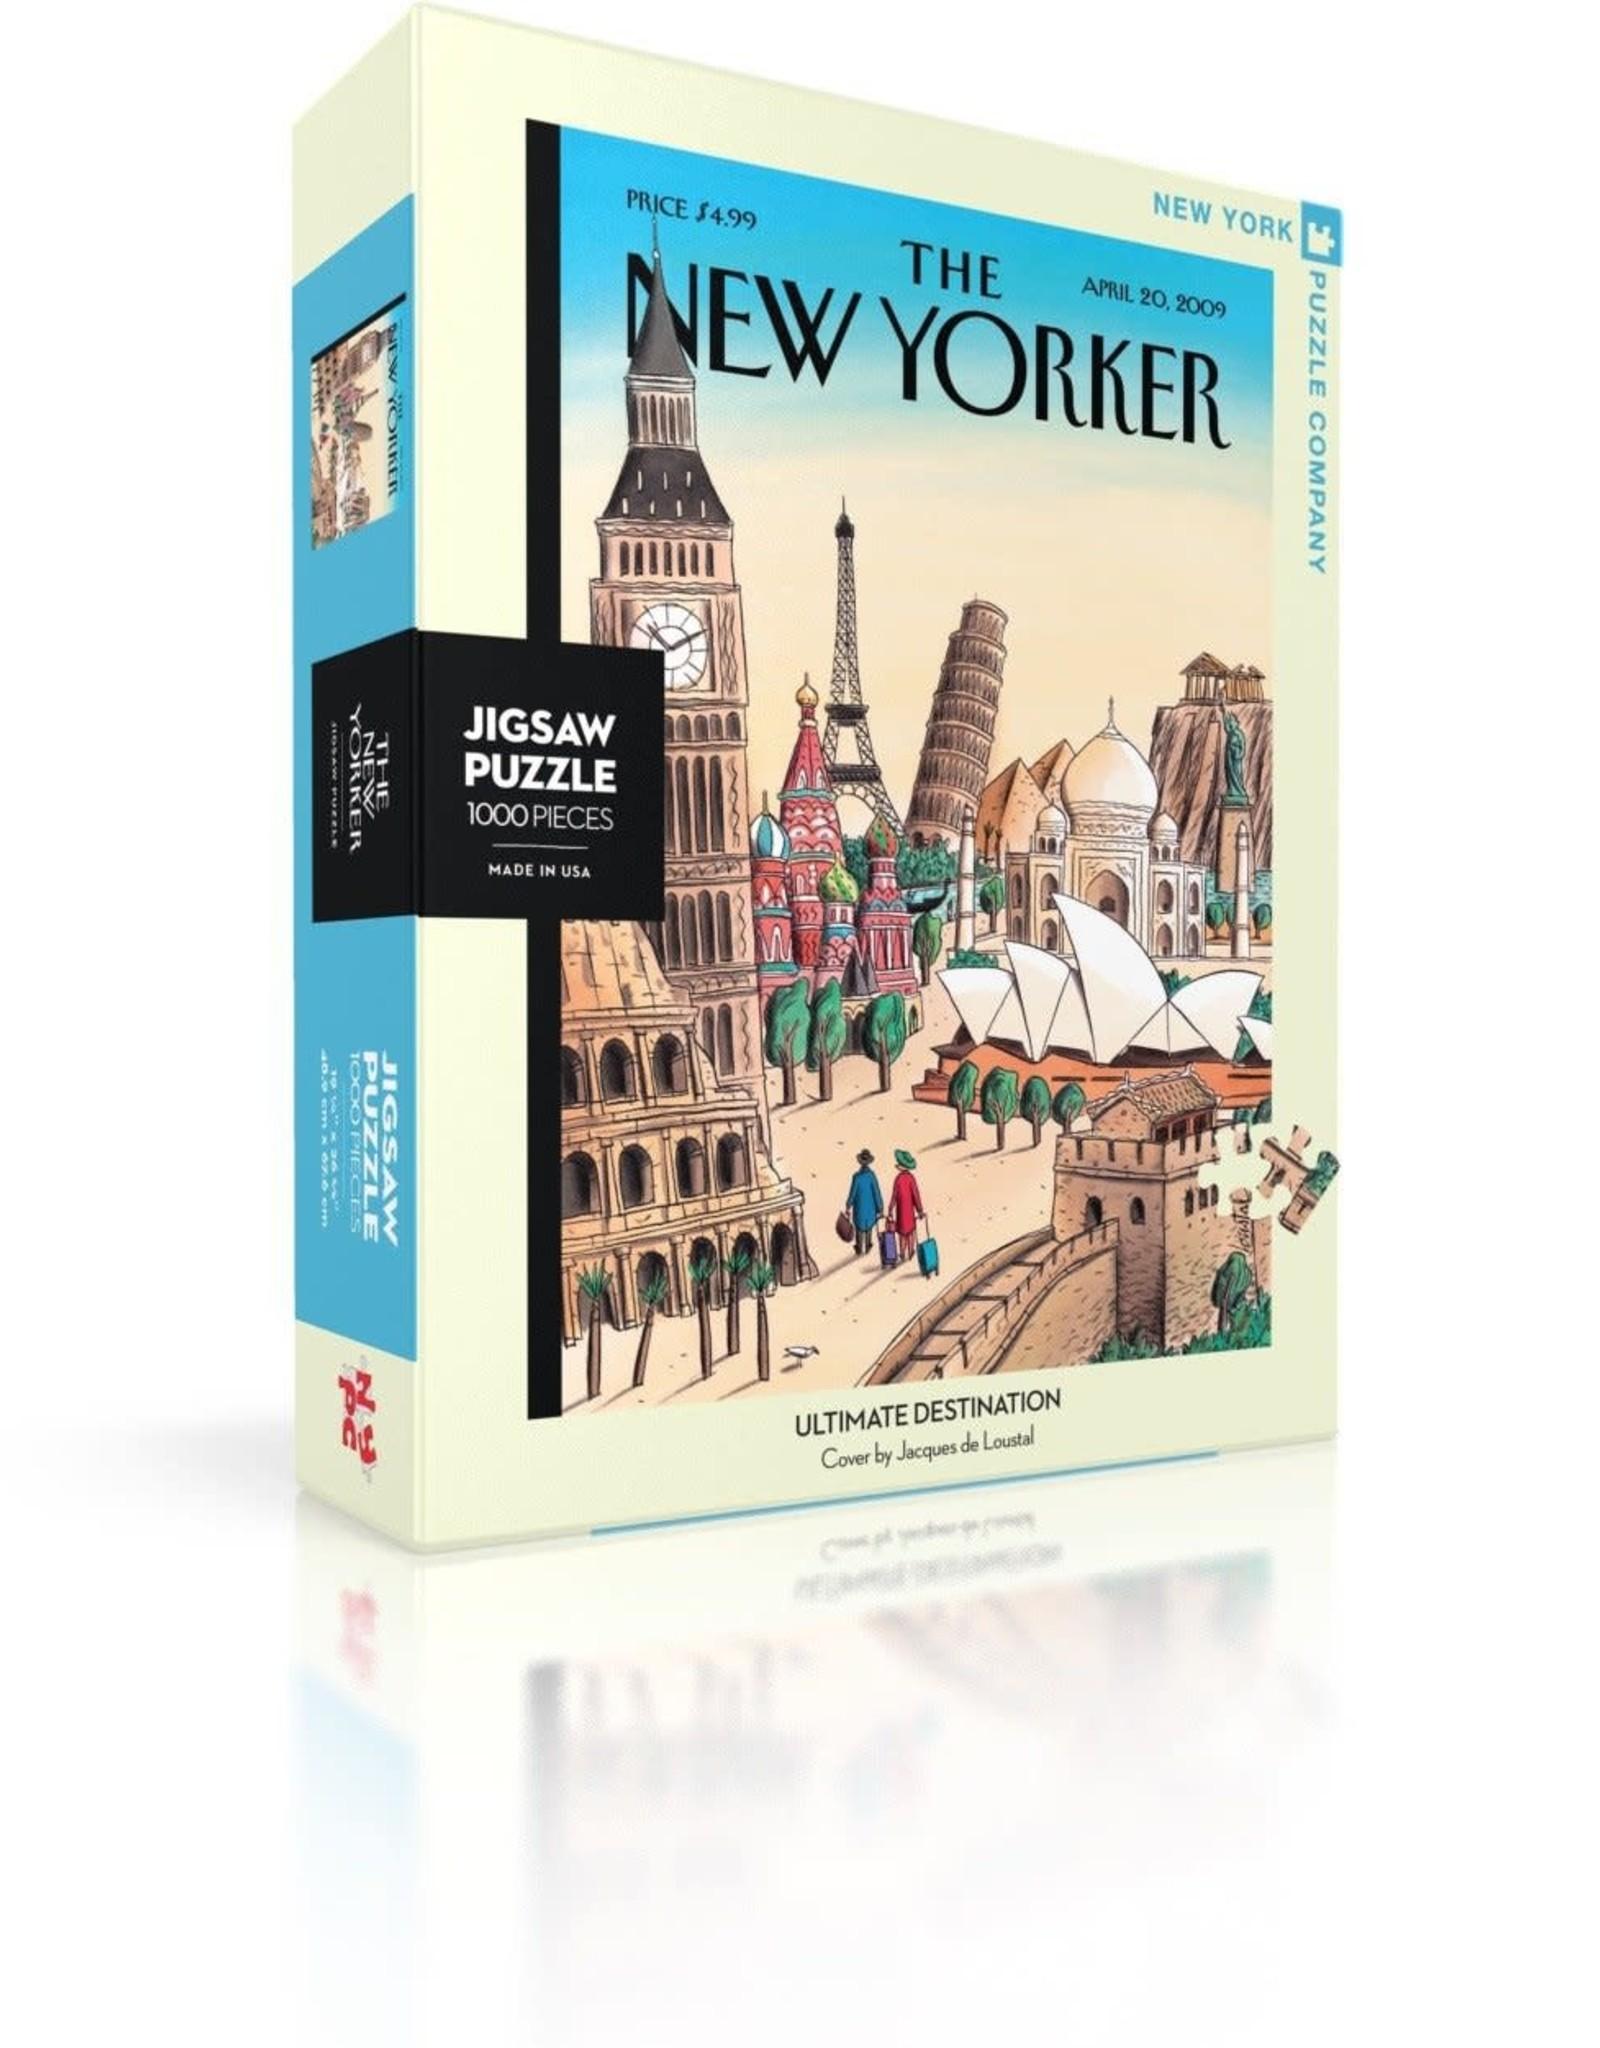 Ultimate Destination, 1000 pieces Puzzle